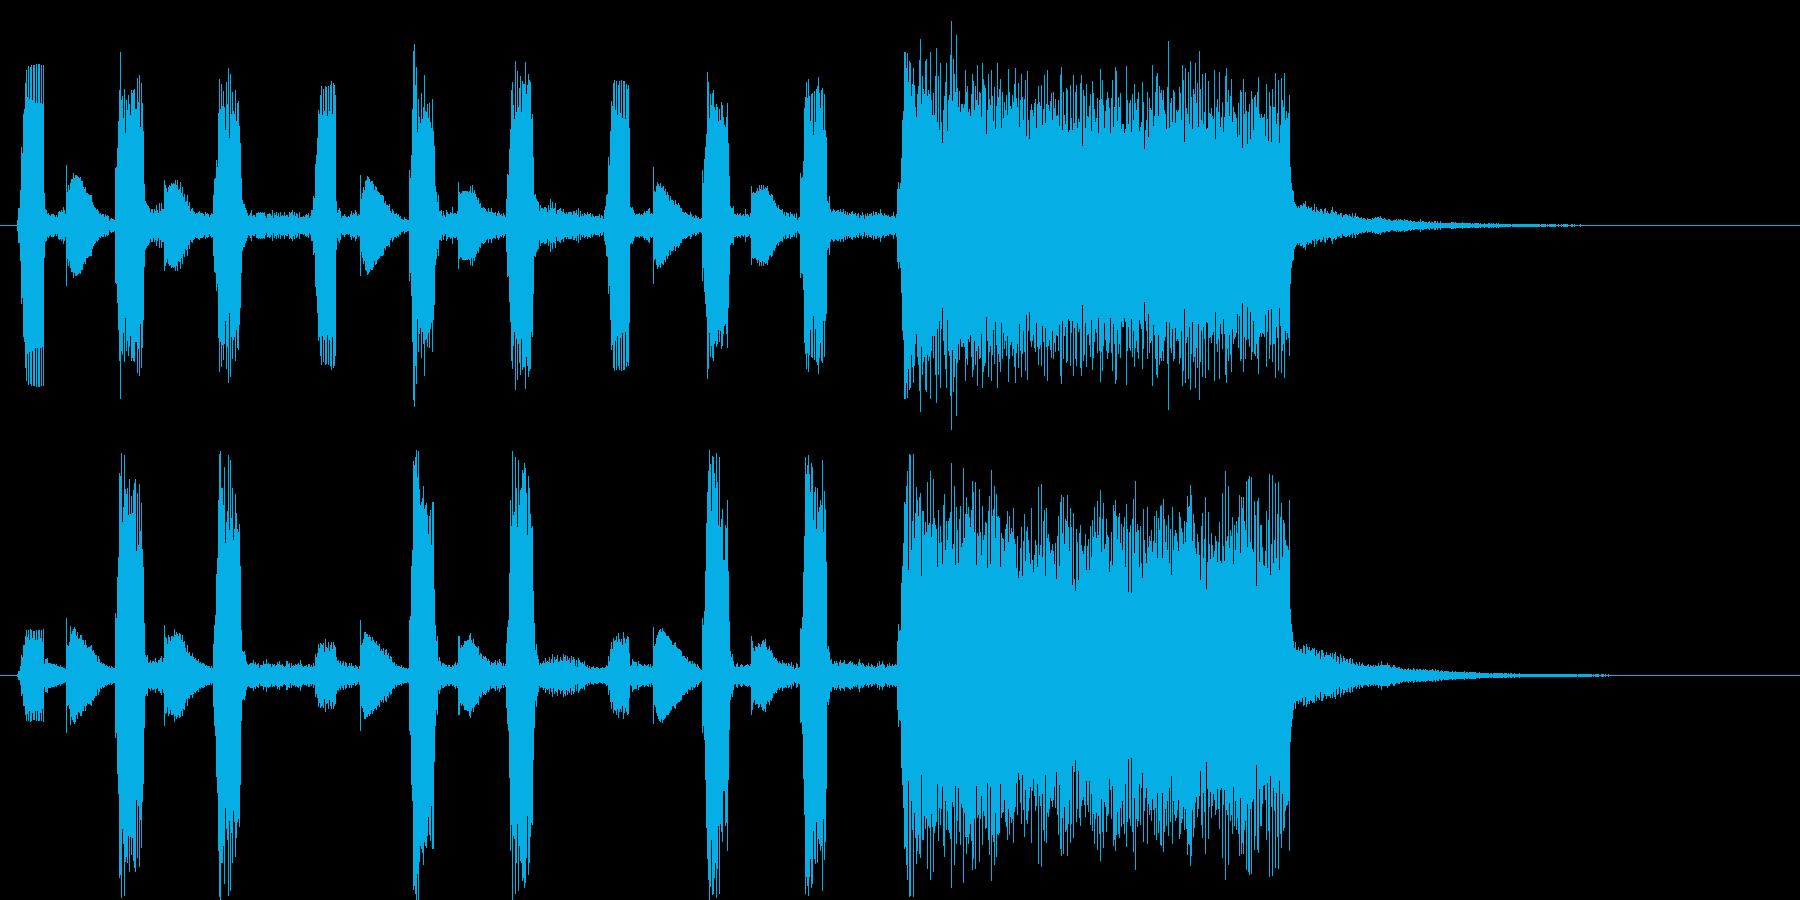 ポップで弾みのあるオルガンの音の再生済みの波形